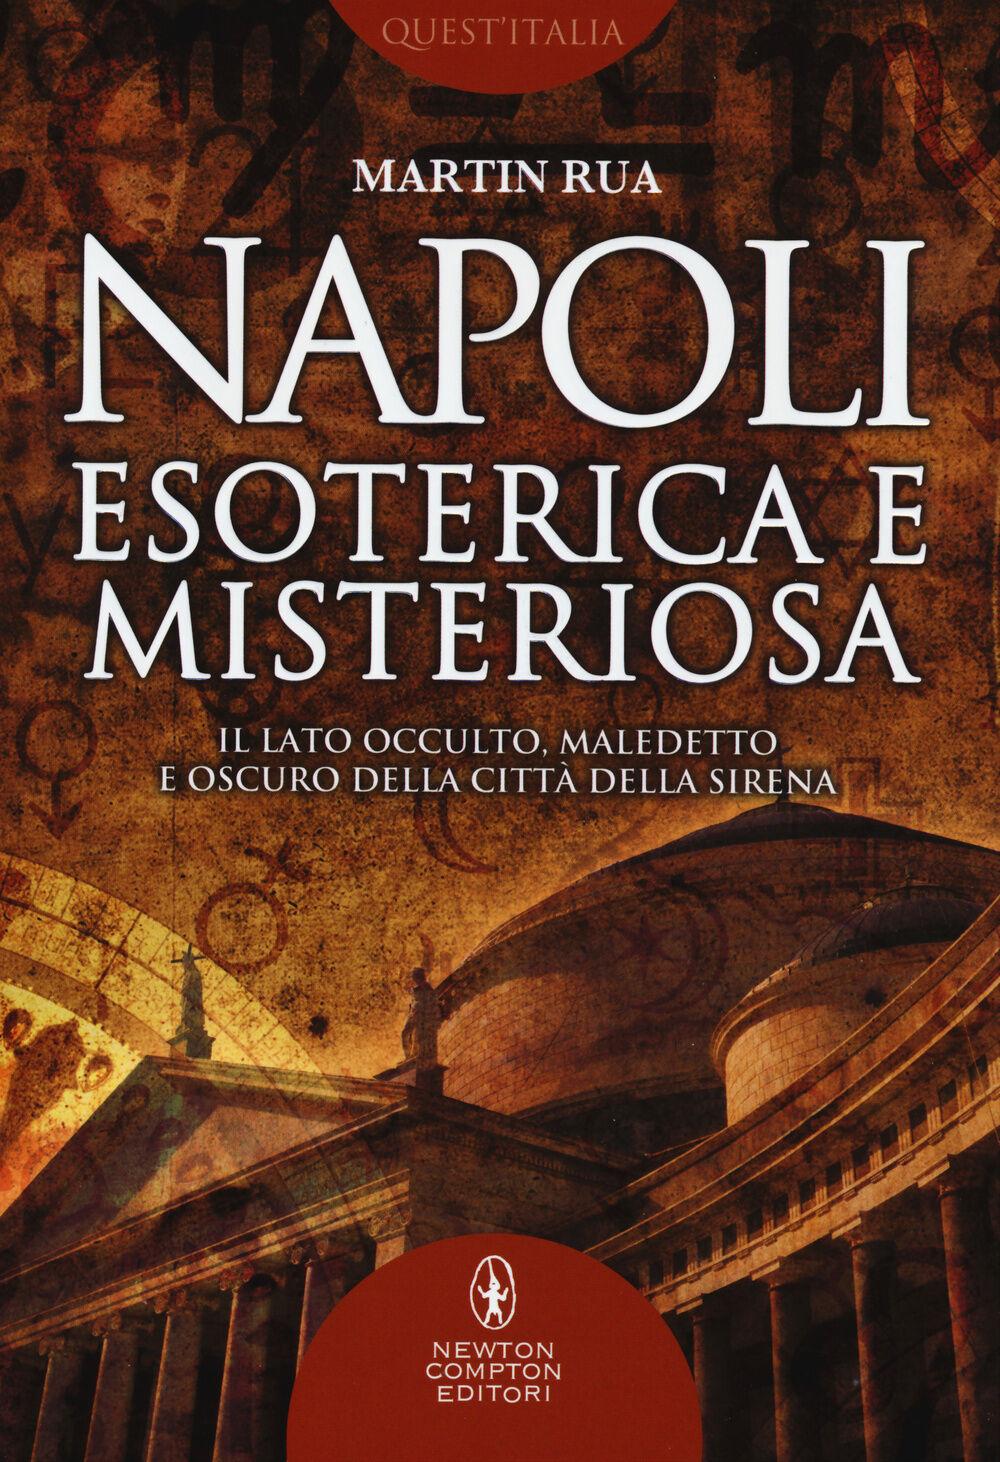 Napoli esoterica e misteriosa. Il lato occulto, maledetto, oscuro della città della sirena